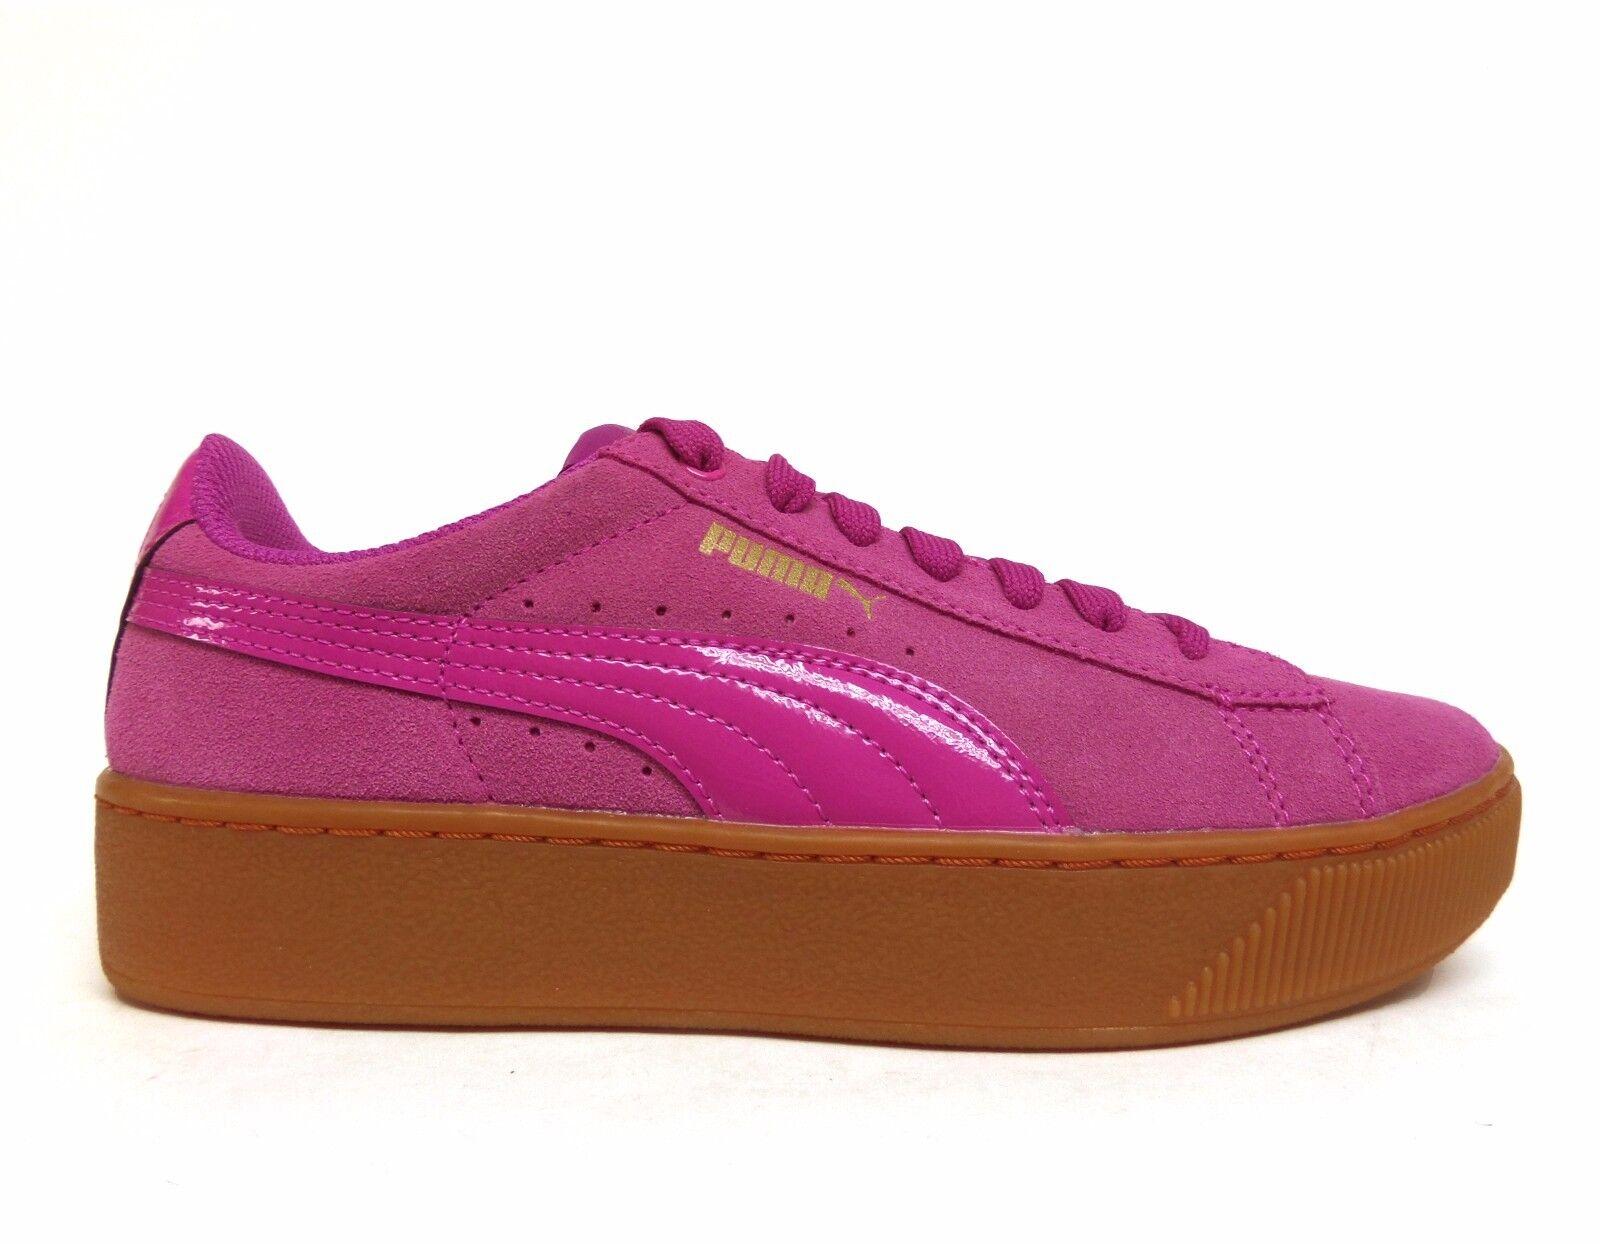 PUMA Women's VIKKY PLATFORM Suede shoes pink purple 363287-04 b